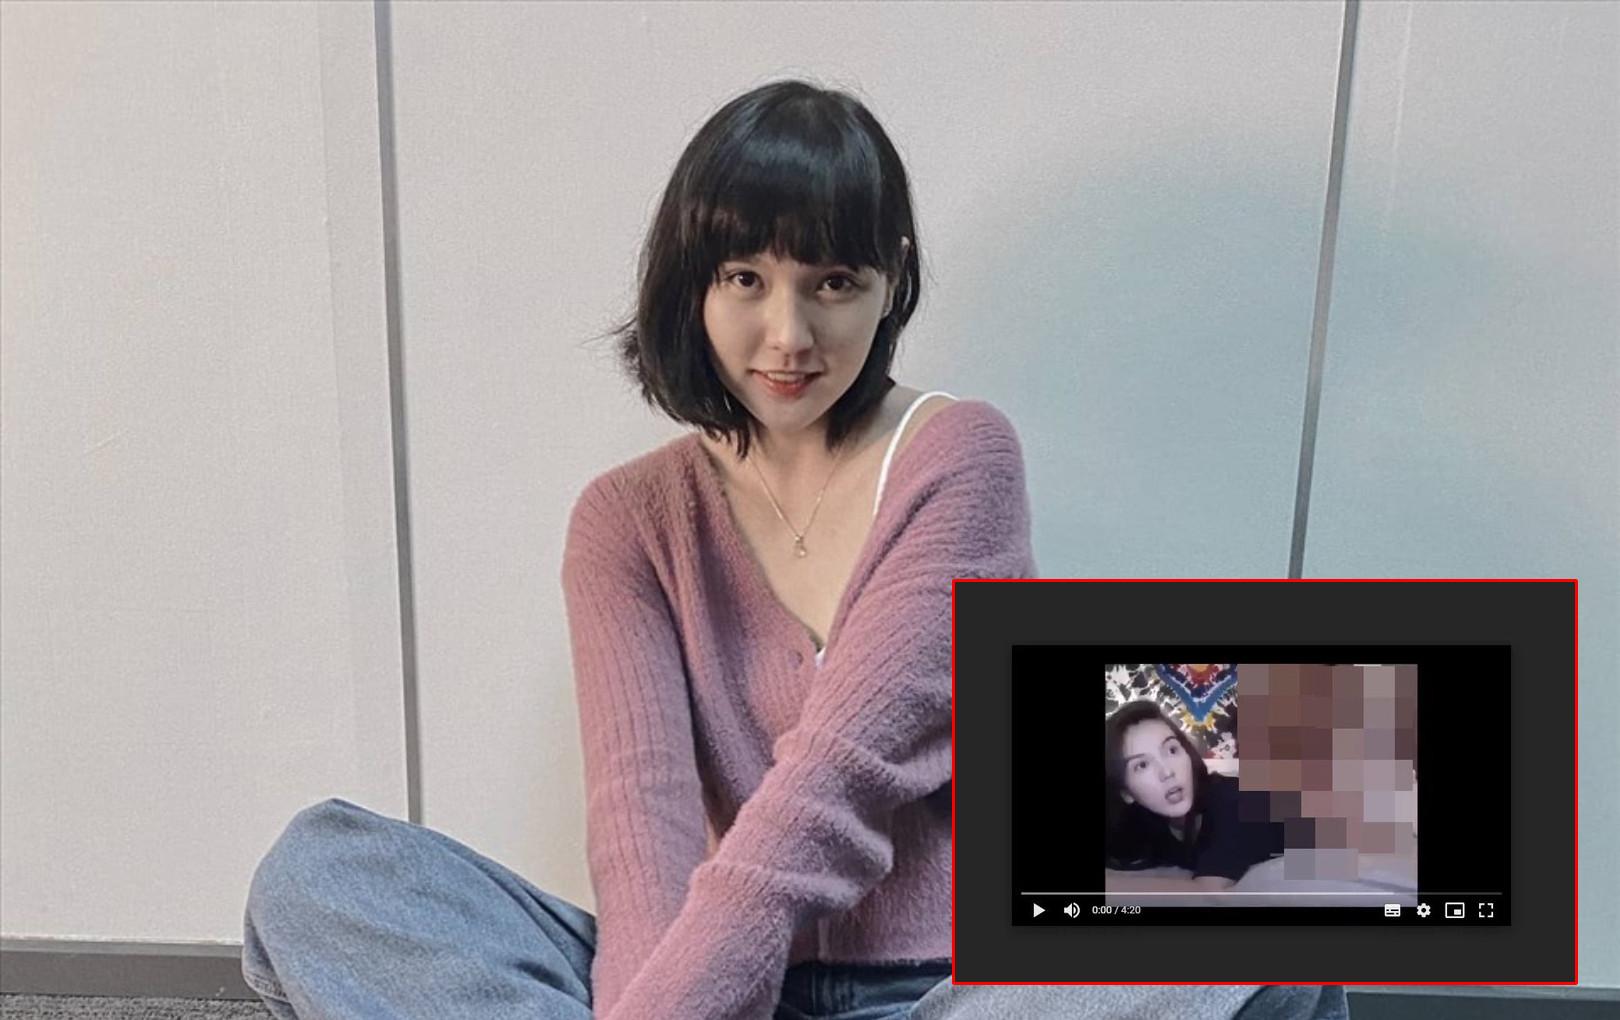 Sau Ninh Dương Lan Ngọc, antifan tiếp tục lan truyền hình ảnh được cho là Hải Tú trong 1 clip giường chiếu